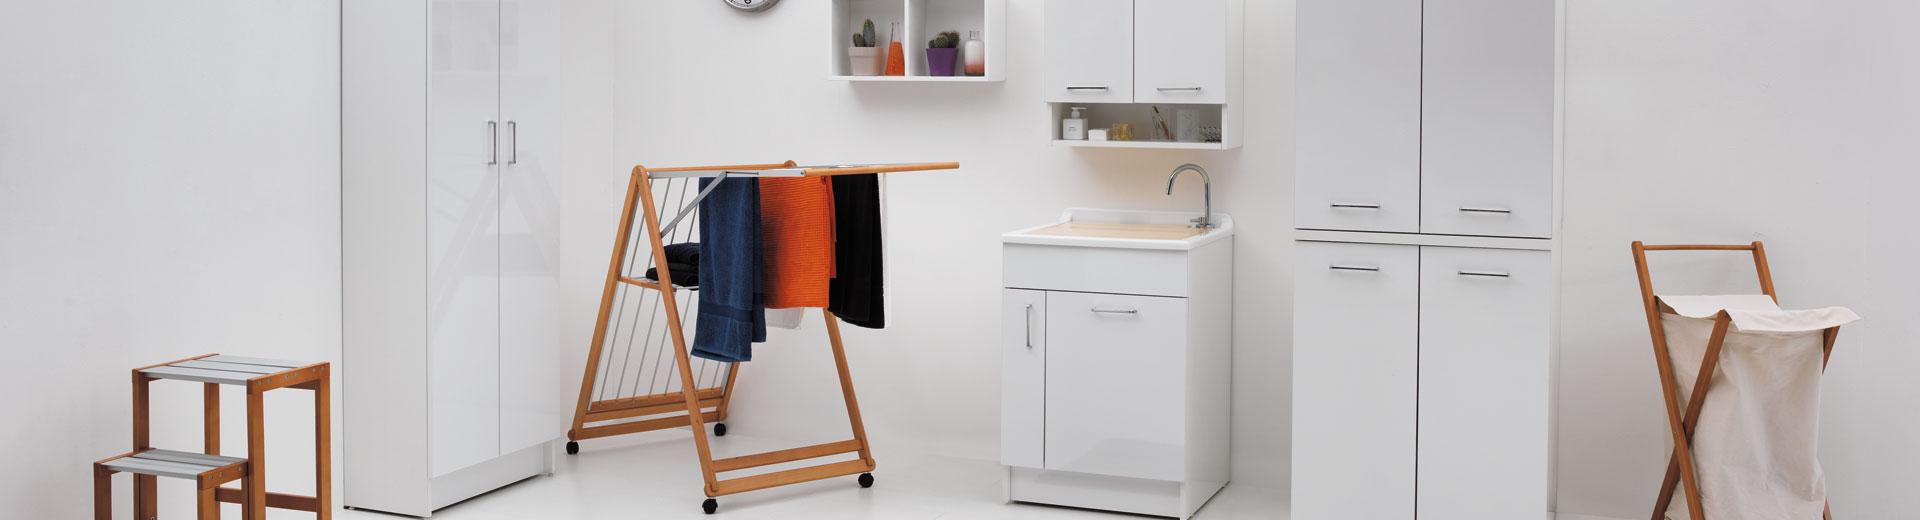 Colavene euroedil scopri i lavatoi e gli elementi d 39 arredo - Mobili bagno grancasa ...